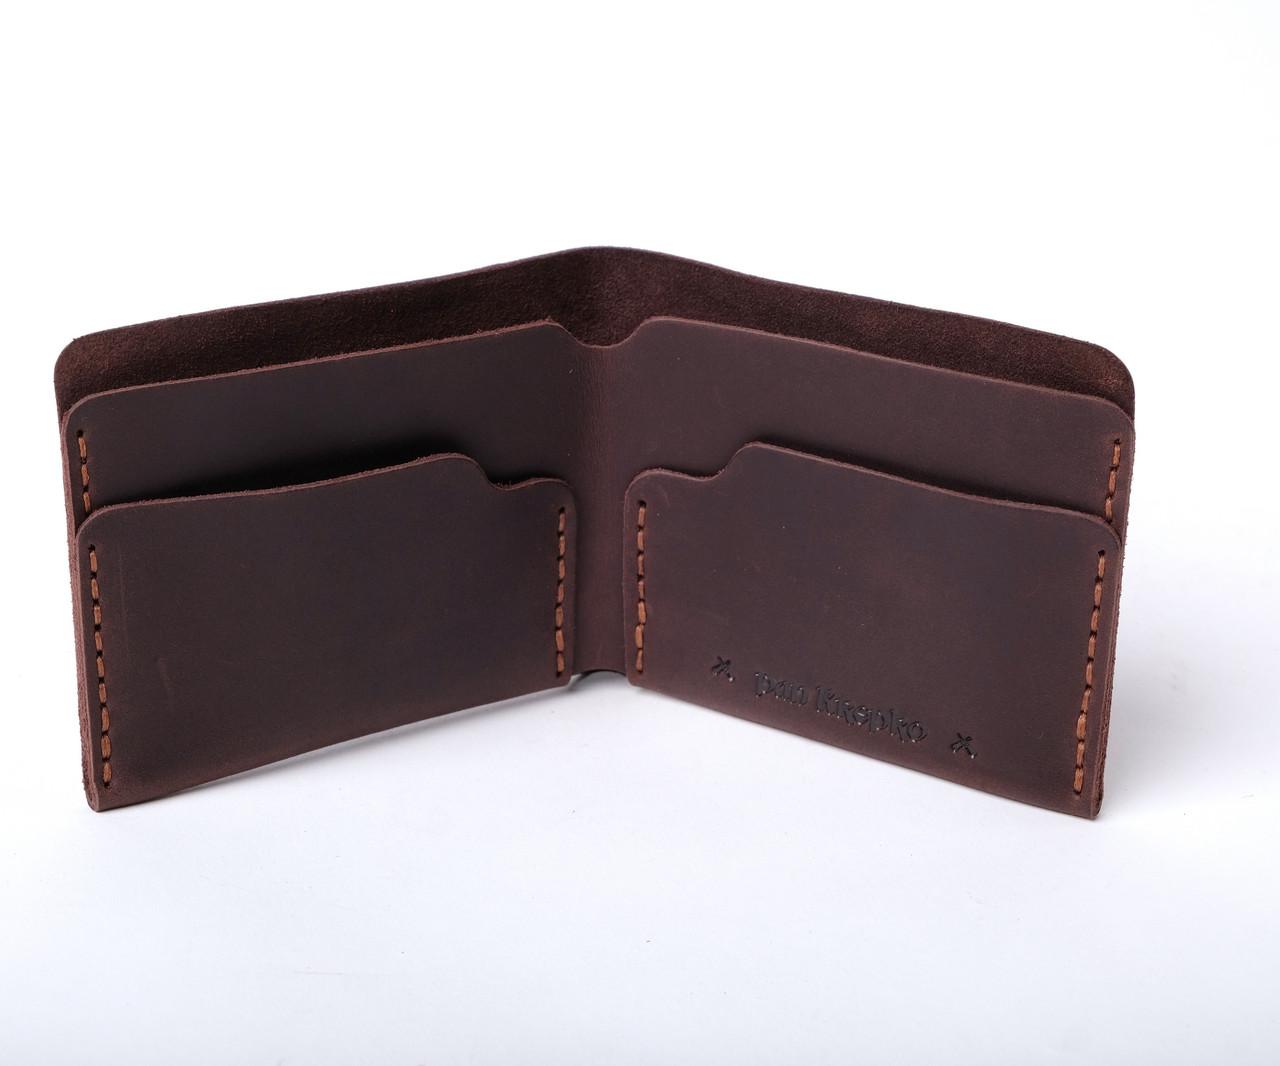 Шкіряний гаманець «Gomin Brown» чоловічий Коричневий (10,5x8,5 см) ручної роботи